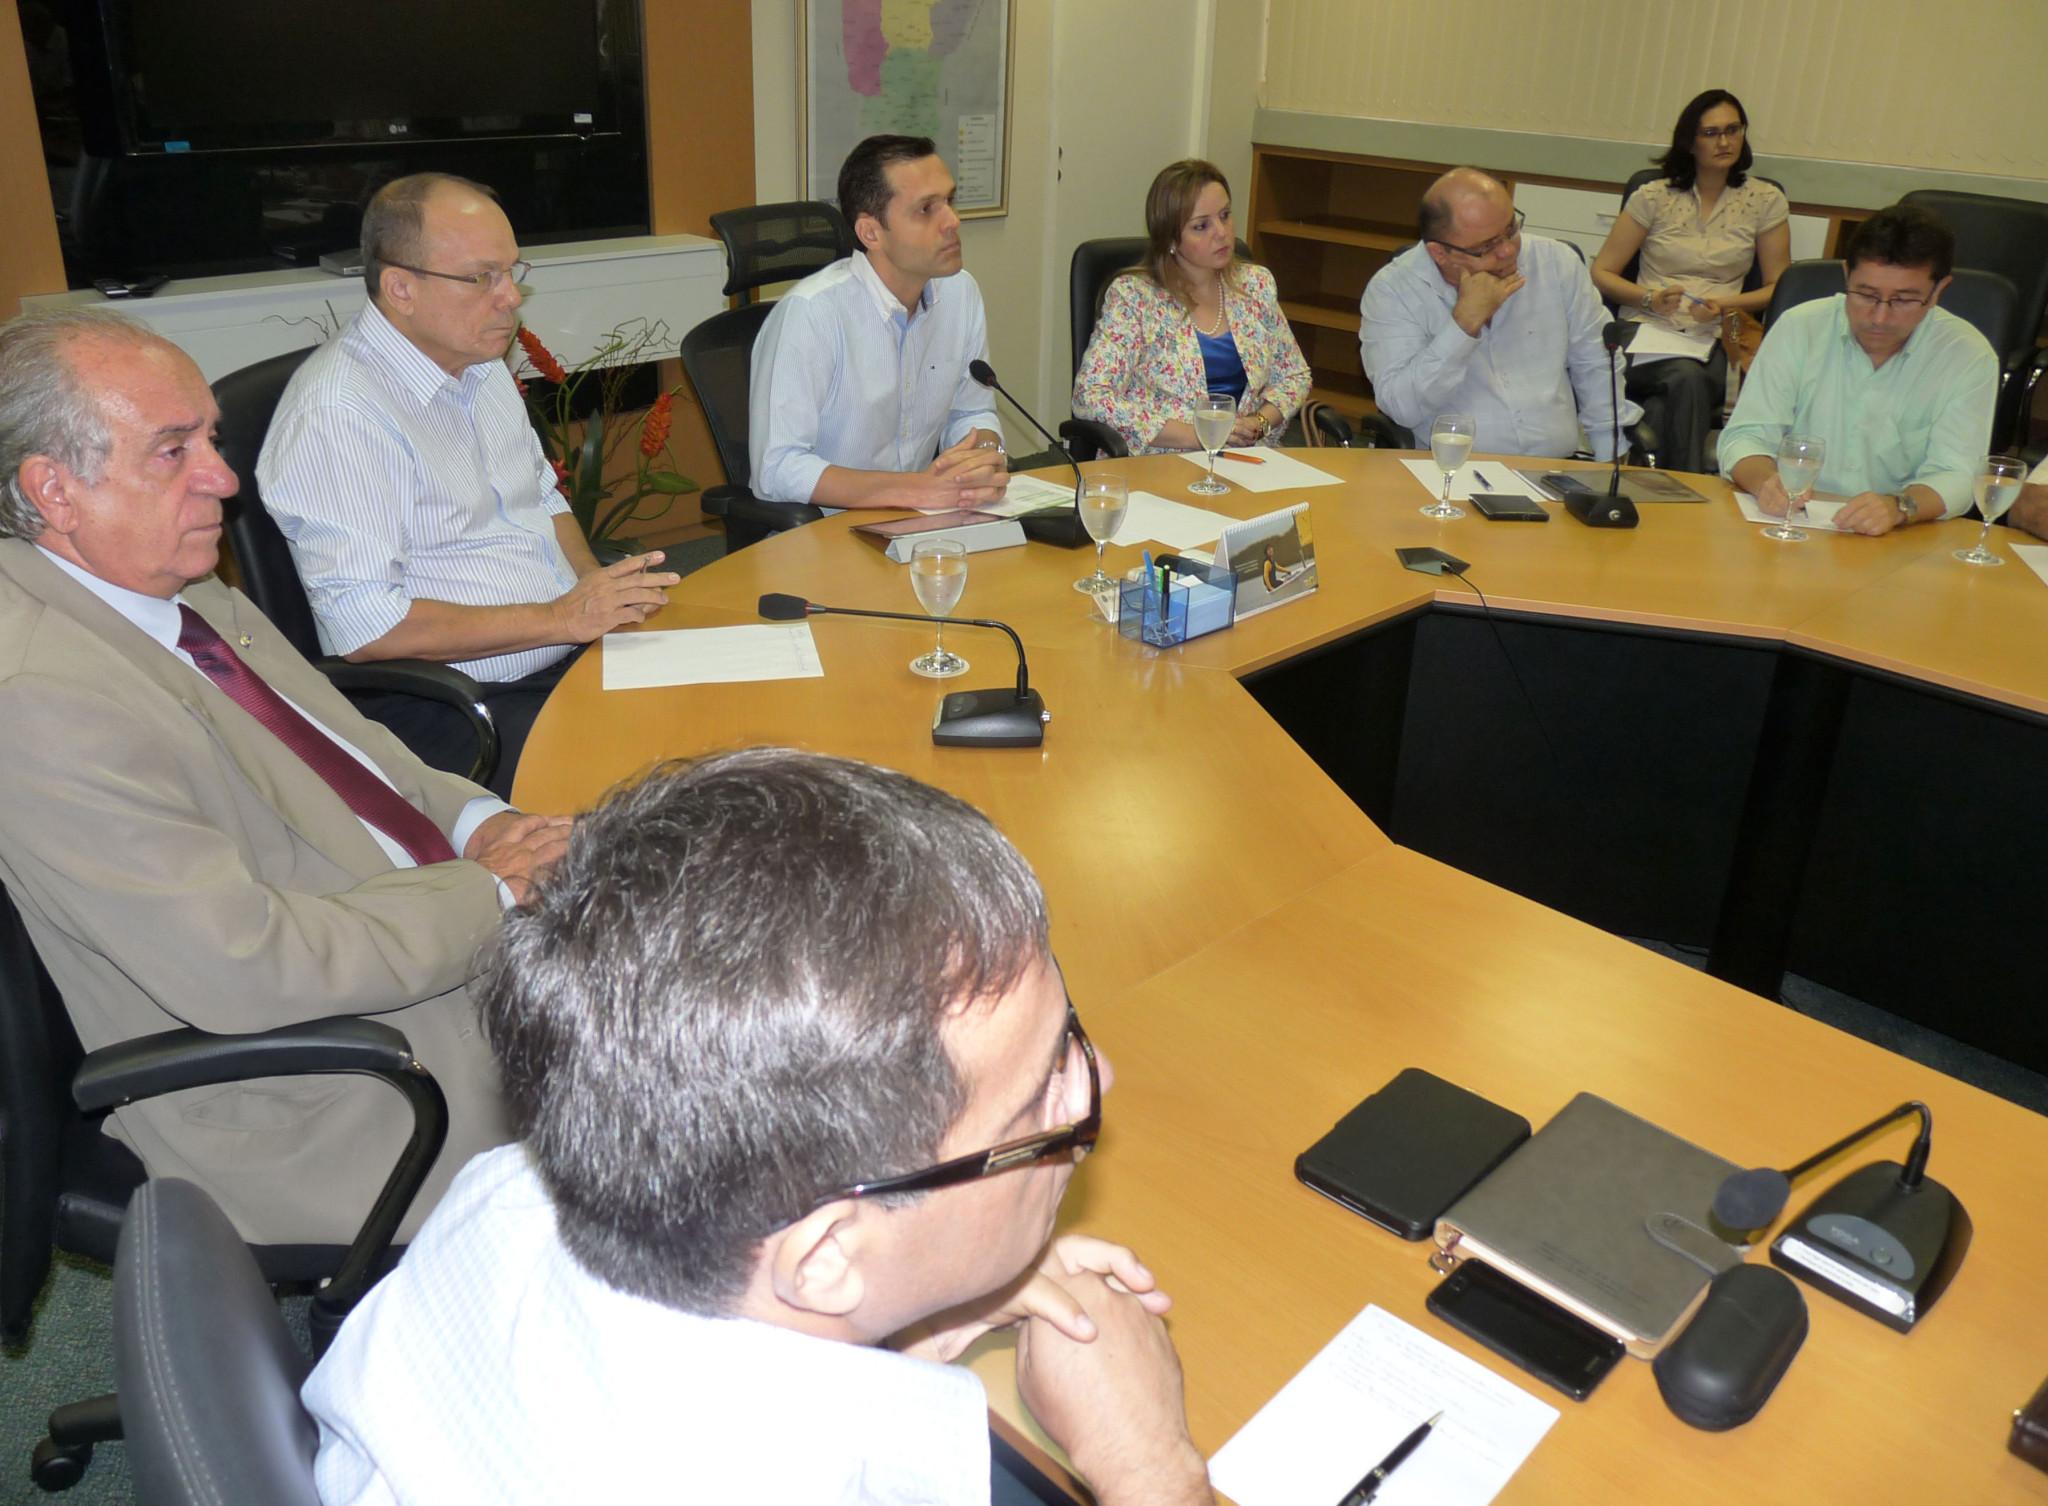 26-03-2012 - Reunião Formação e mão-de-obra ( Roberto Amaral ) - Sala de Reunião (10)